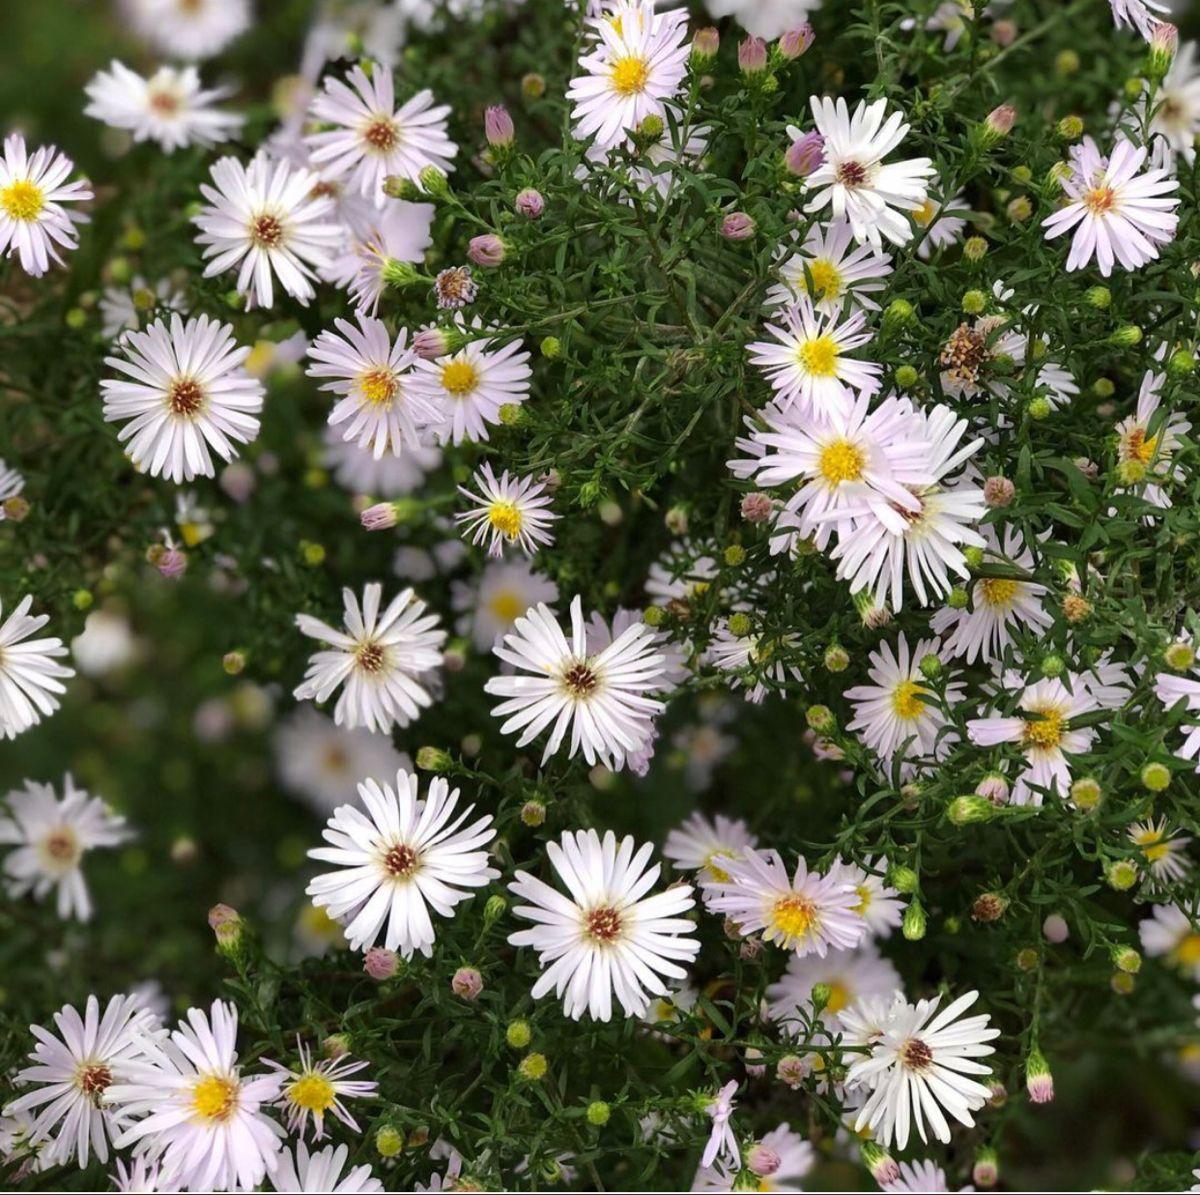 White Aster Flower In 2020 Aster Flower Buy Flowers Online White Flowers